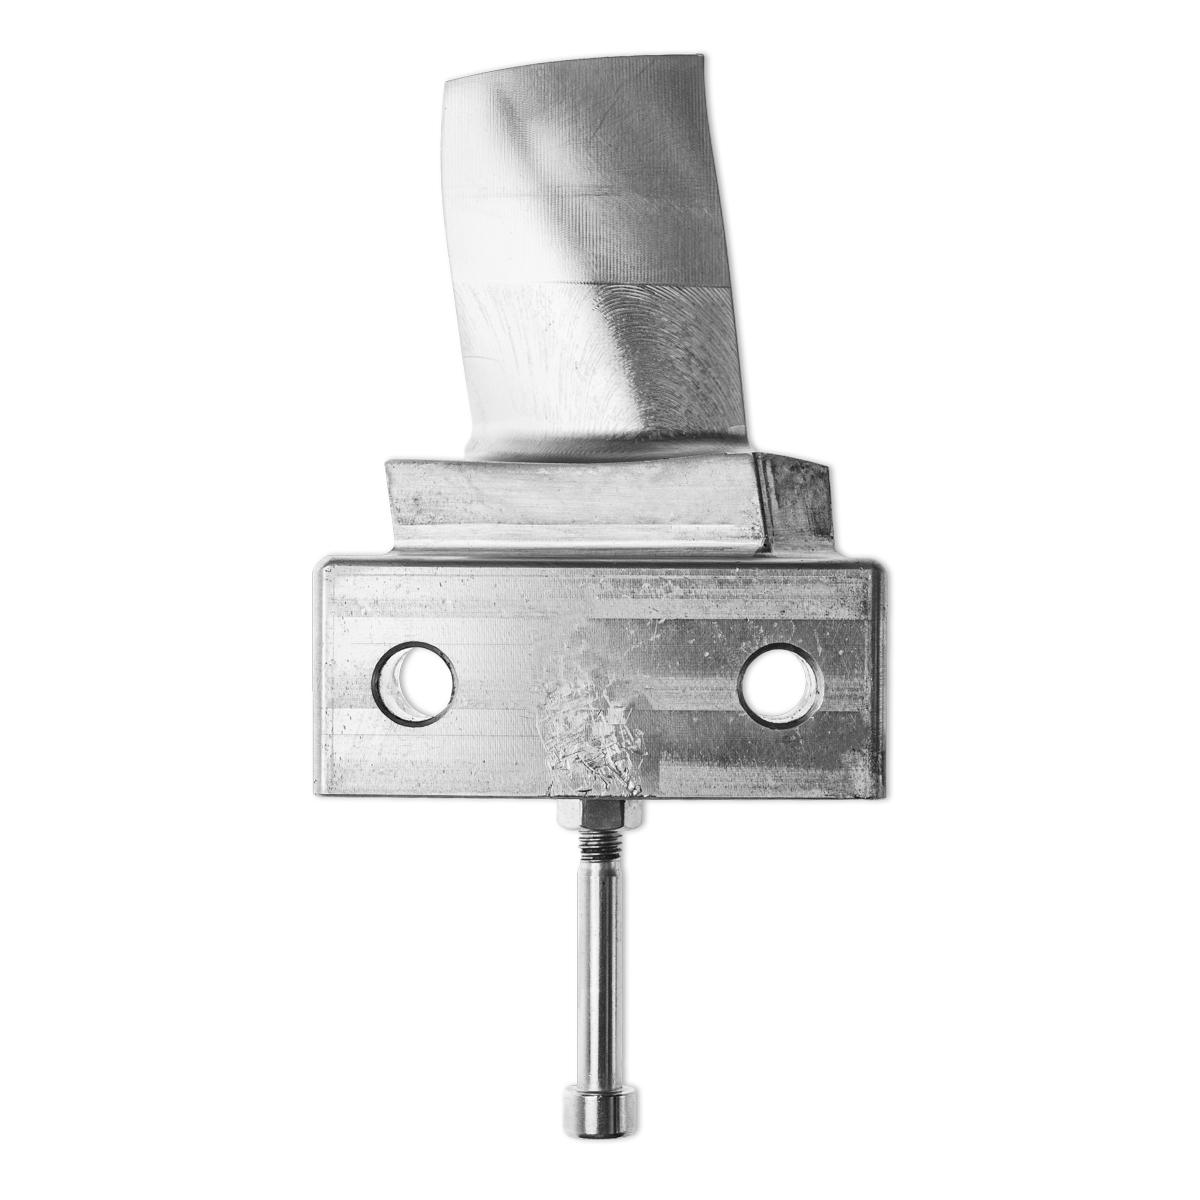 Werkzeug zur Herstellung von Gummiformteilen